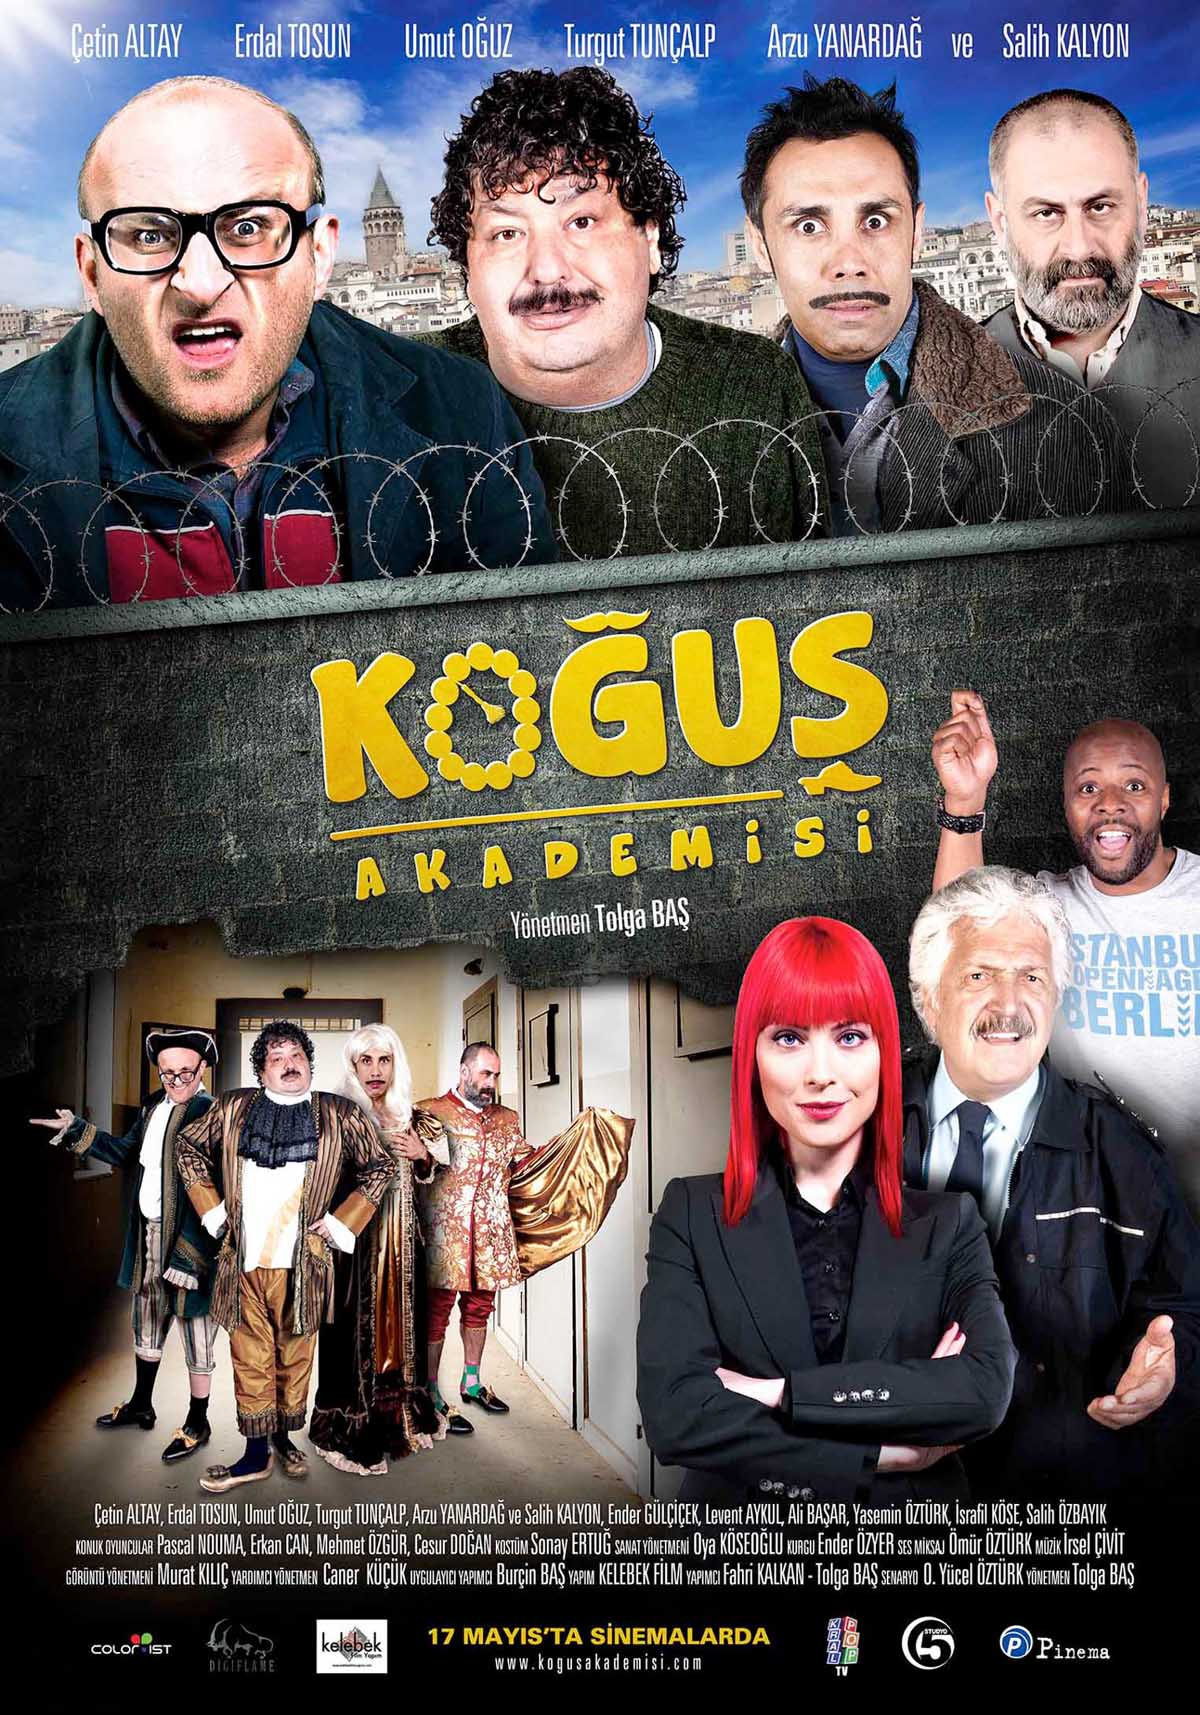 Koğuş Akademisi - film 2013 - Beyazperde com